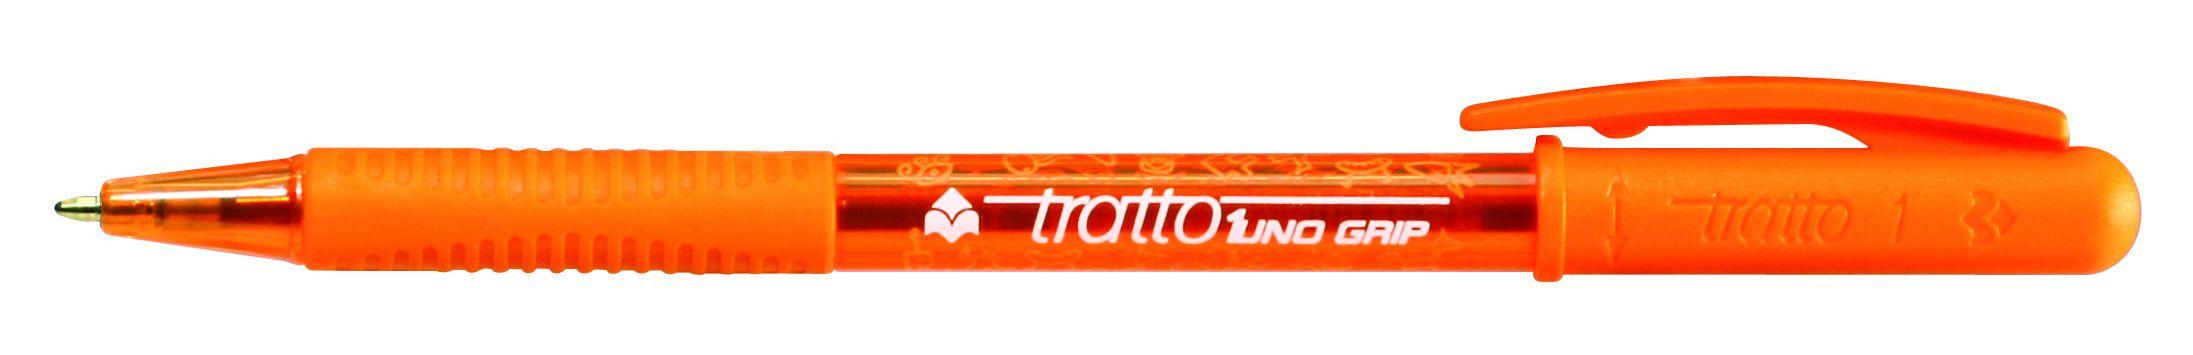 Ручка шариковая Tratto 1 Grip оранжевая поворотная резин. держат.